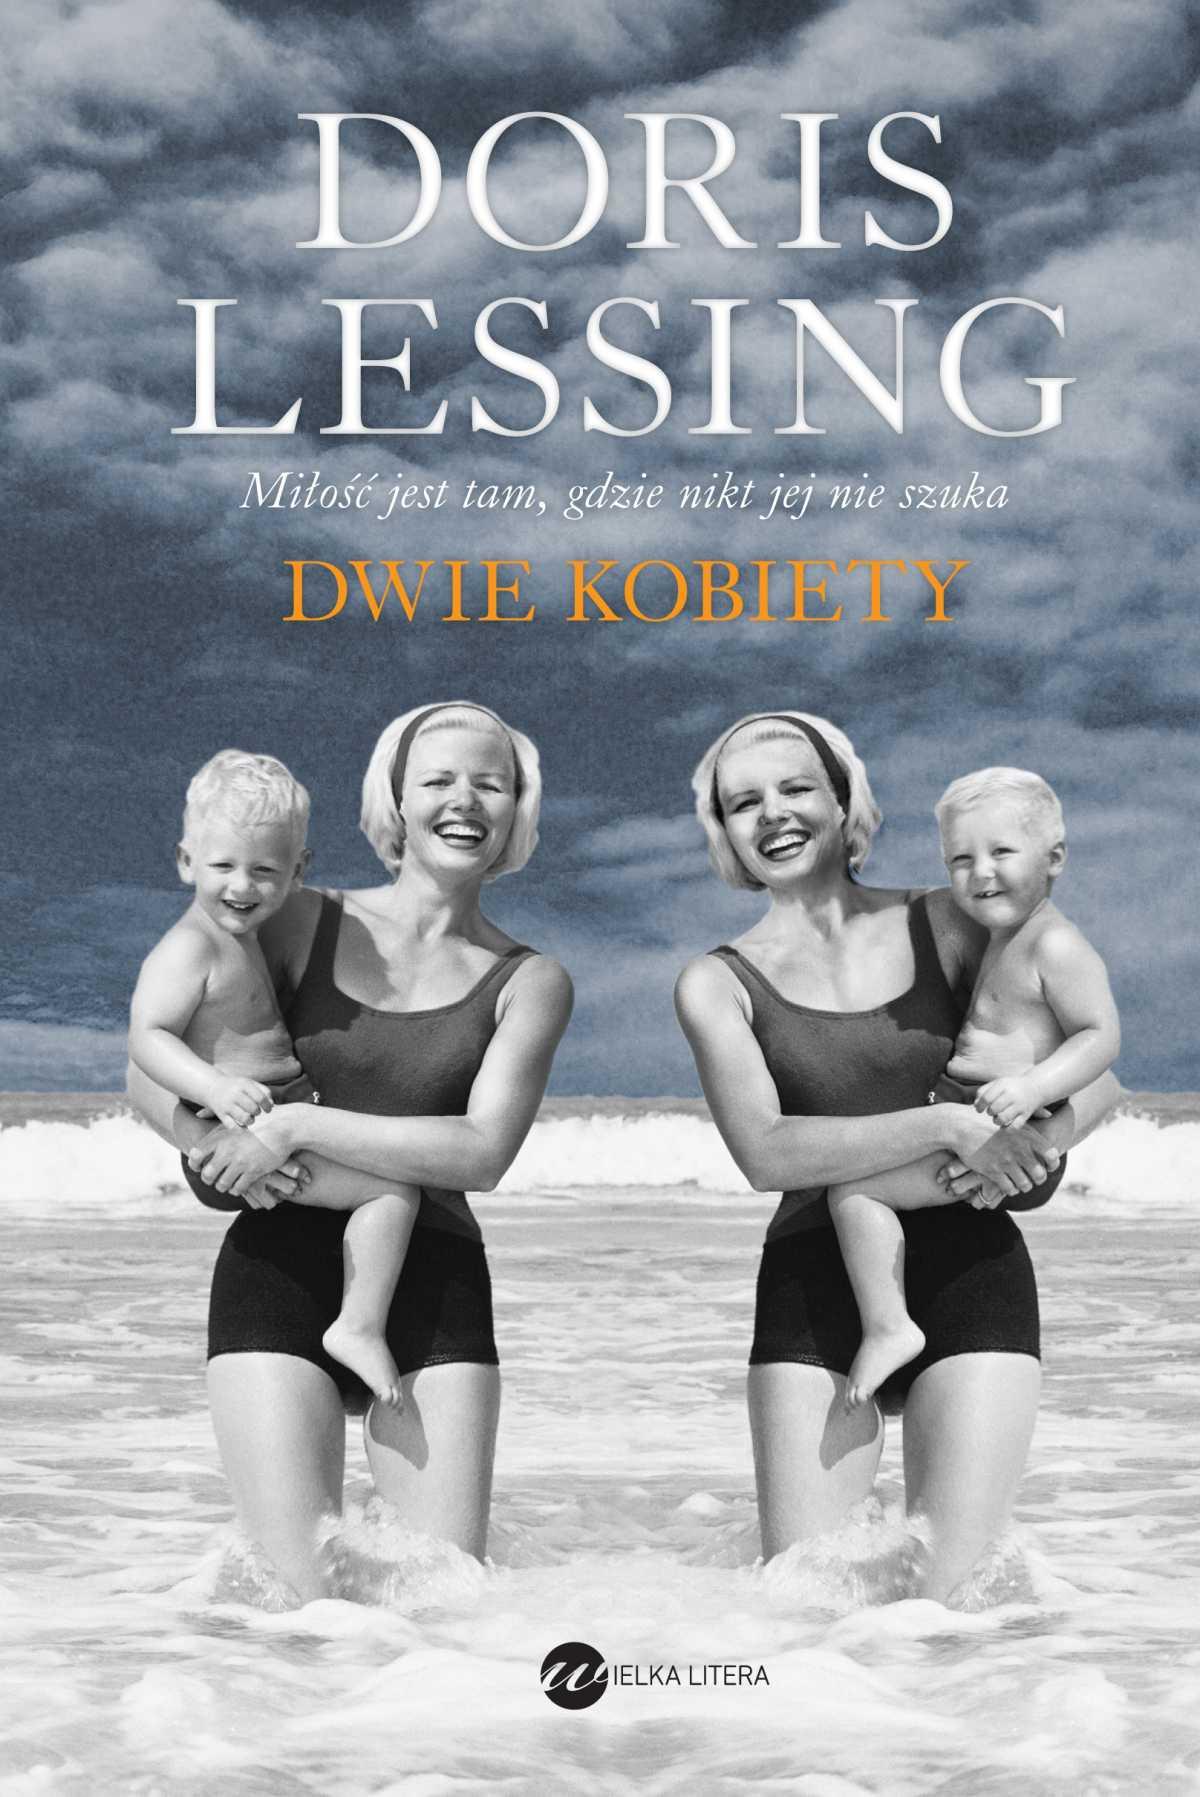 Dwie kobiety - Ebook (Książka EPUB) do pobrania w formacie EPUB